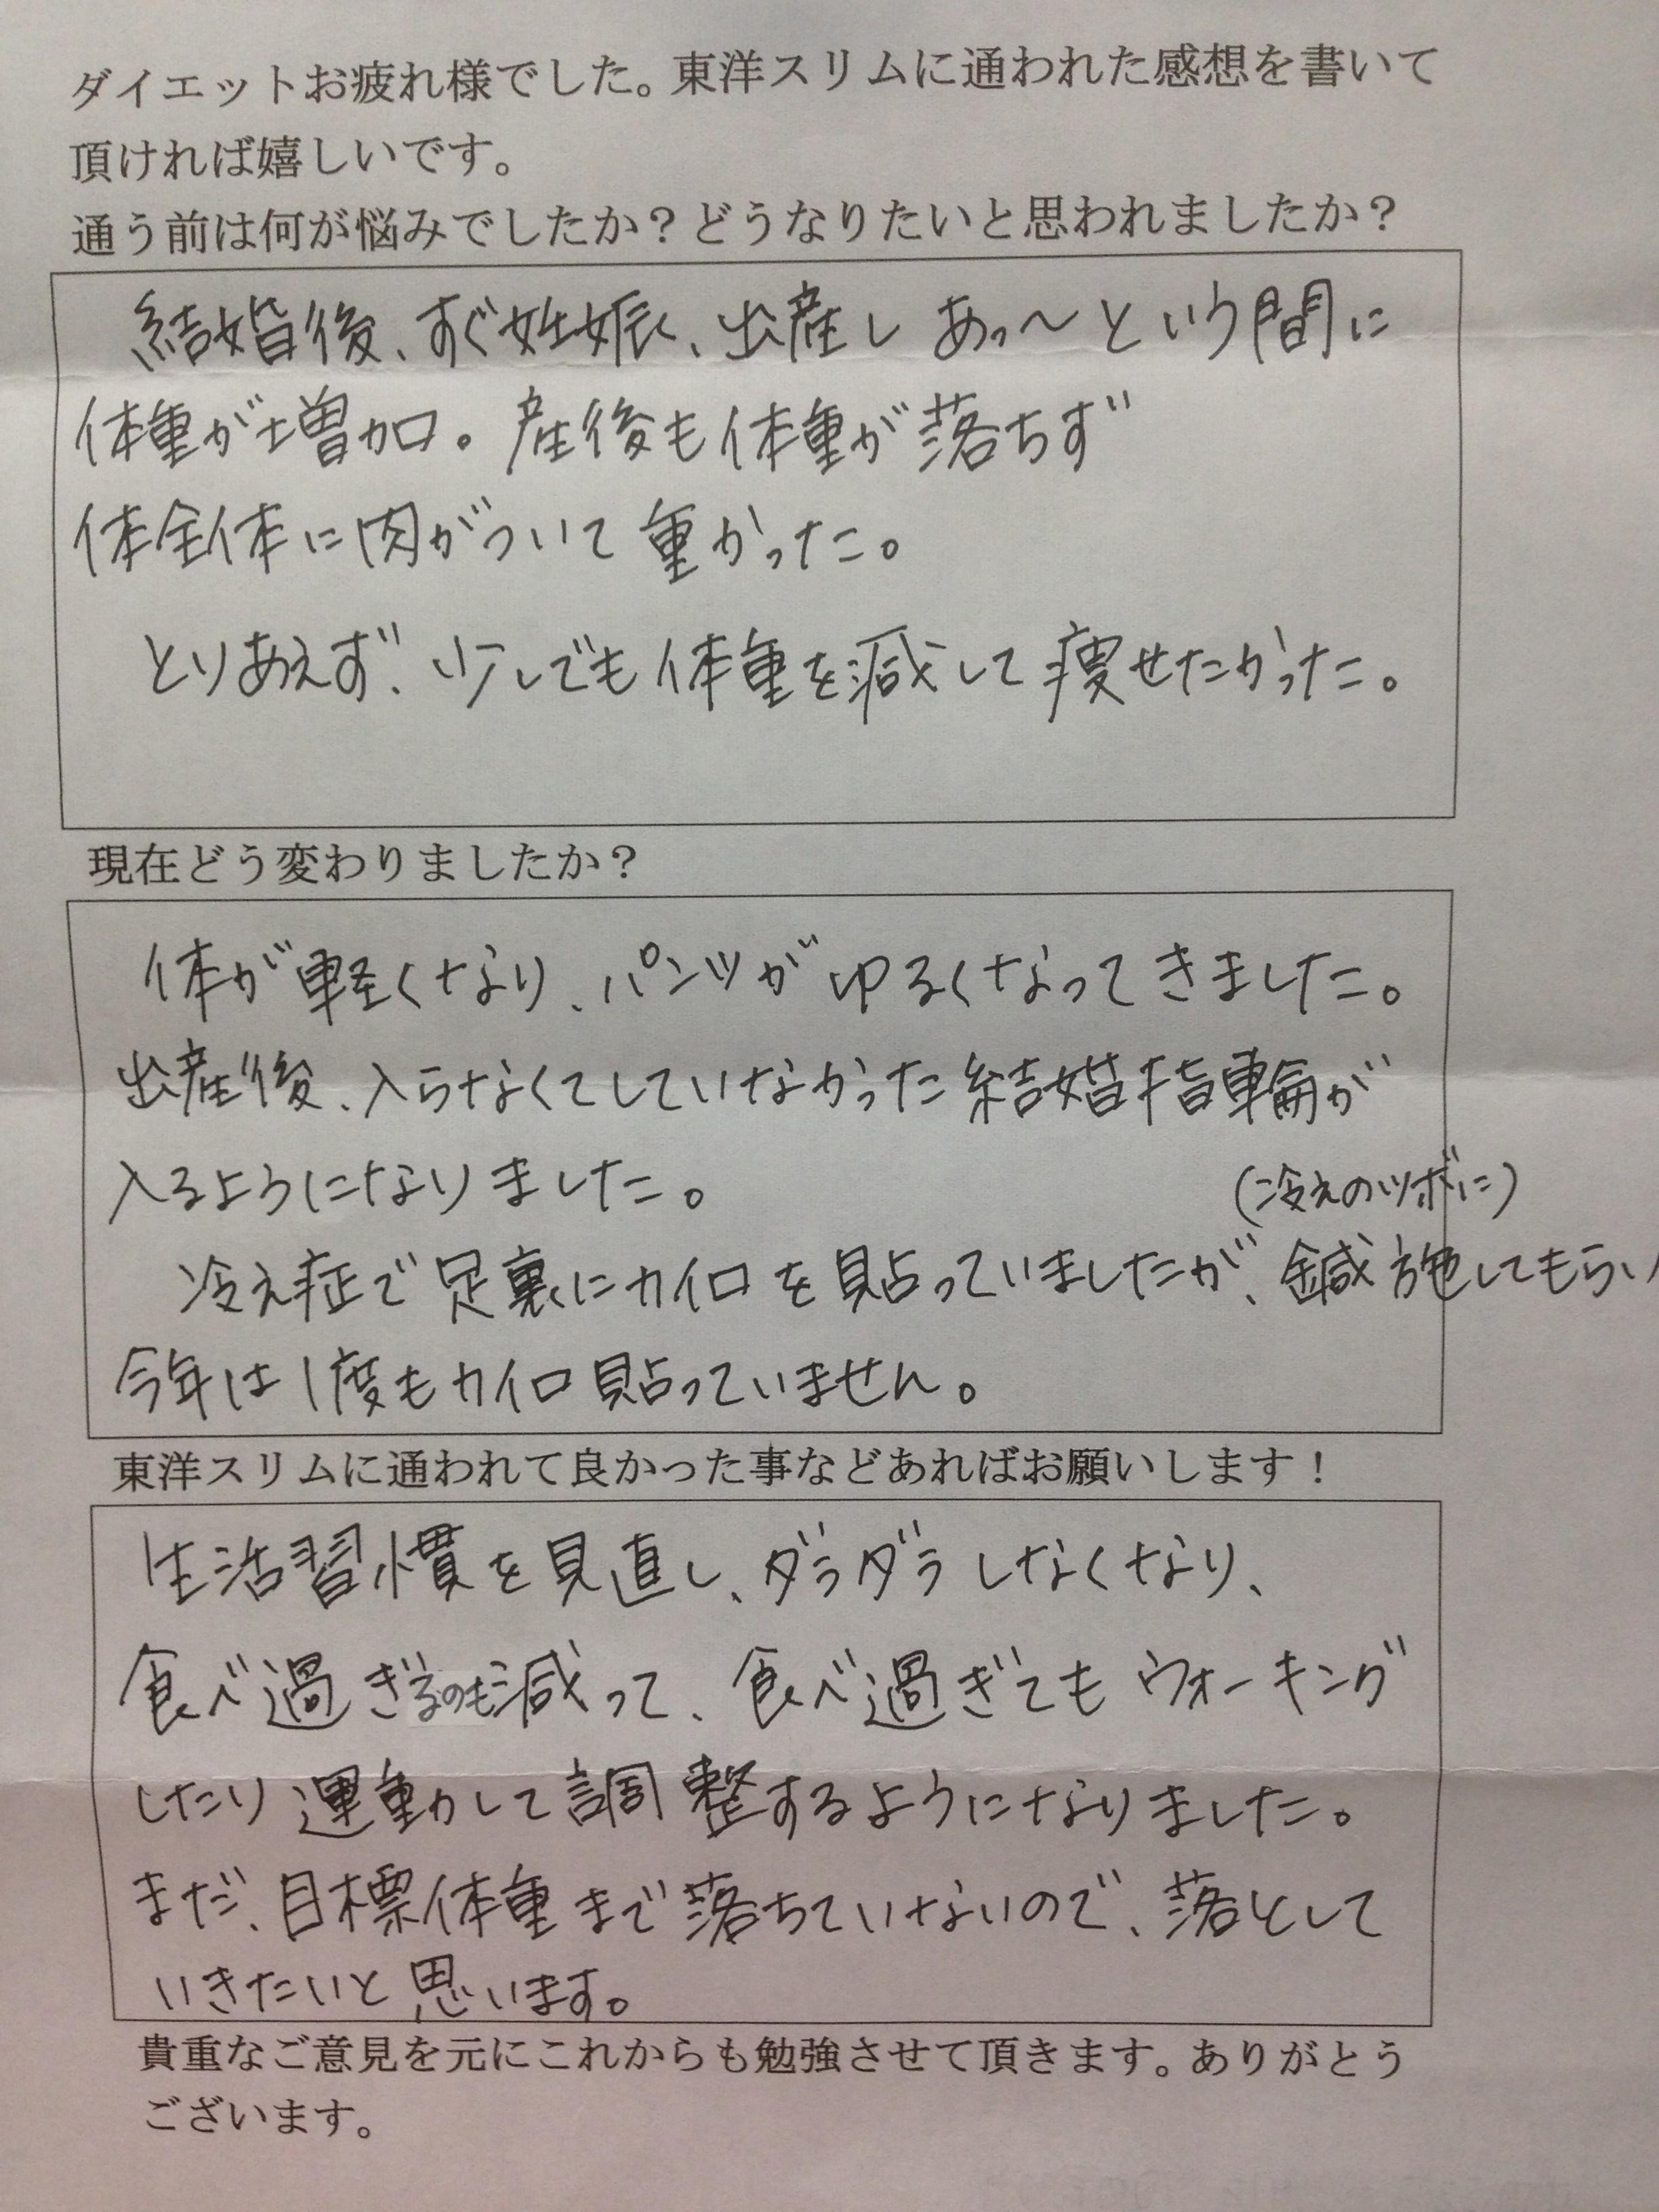 大阪府河内長野市Nさん(41才)耳ツボダイエットで4.7kgダイエット成功!「冷え症が改善。結婚指輪が入るようになった!」